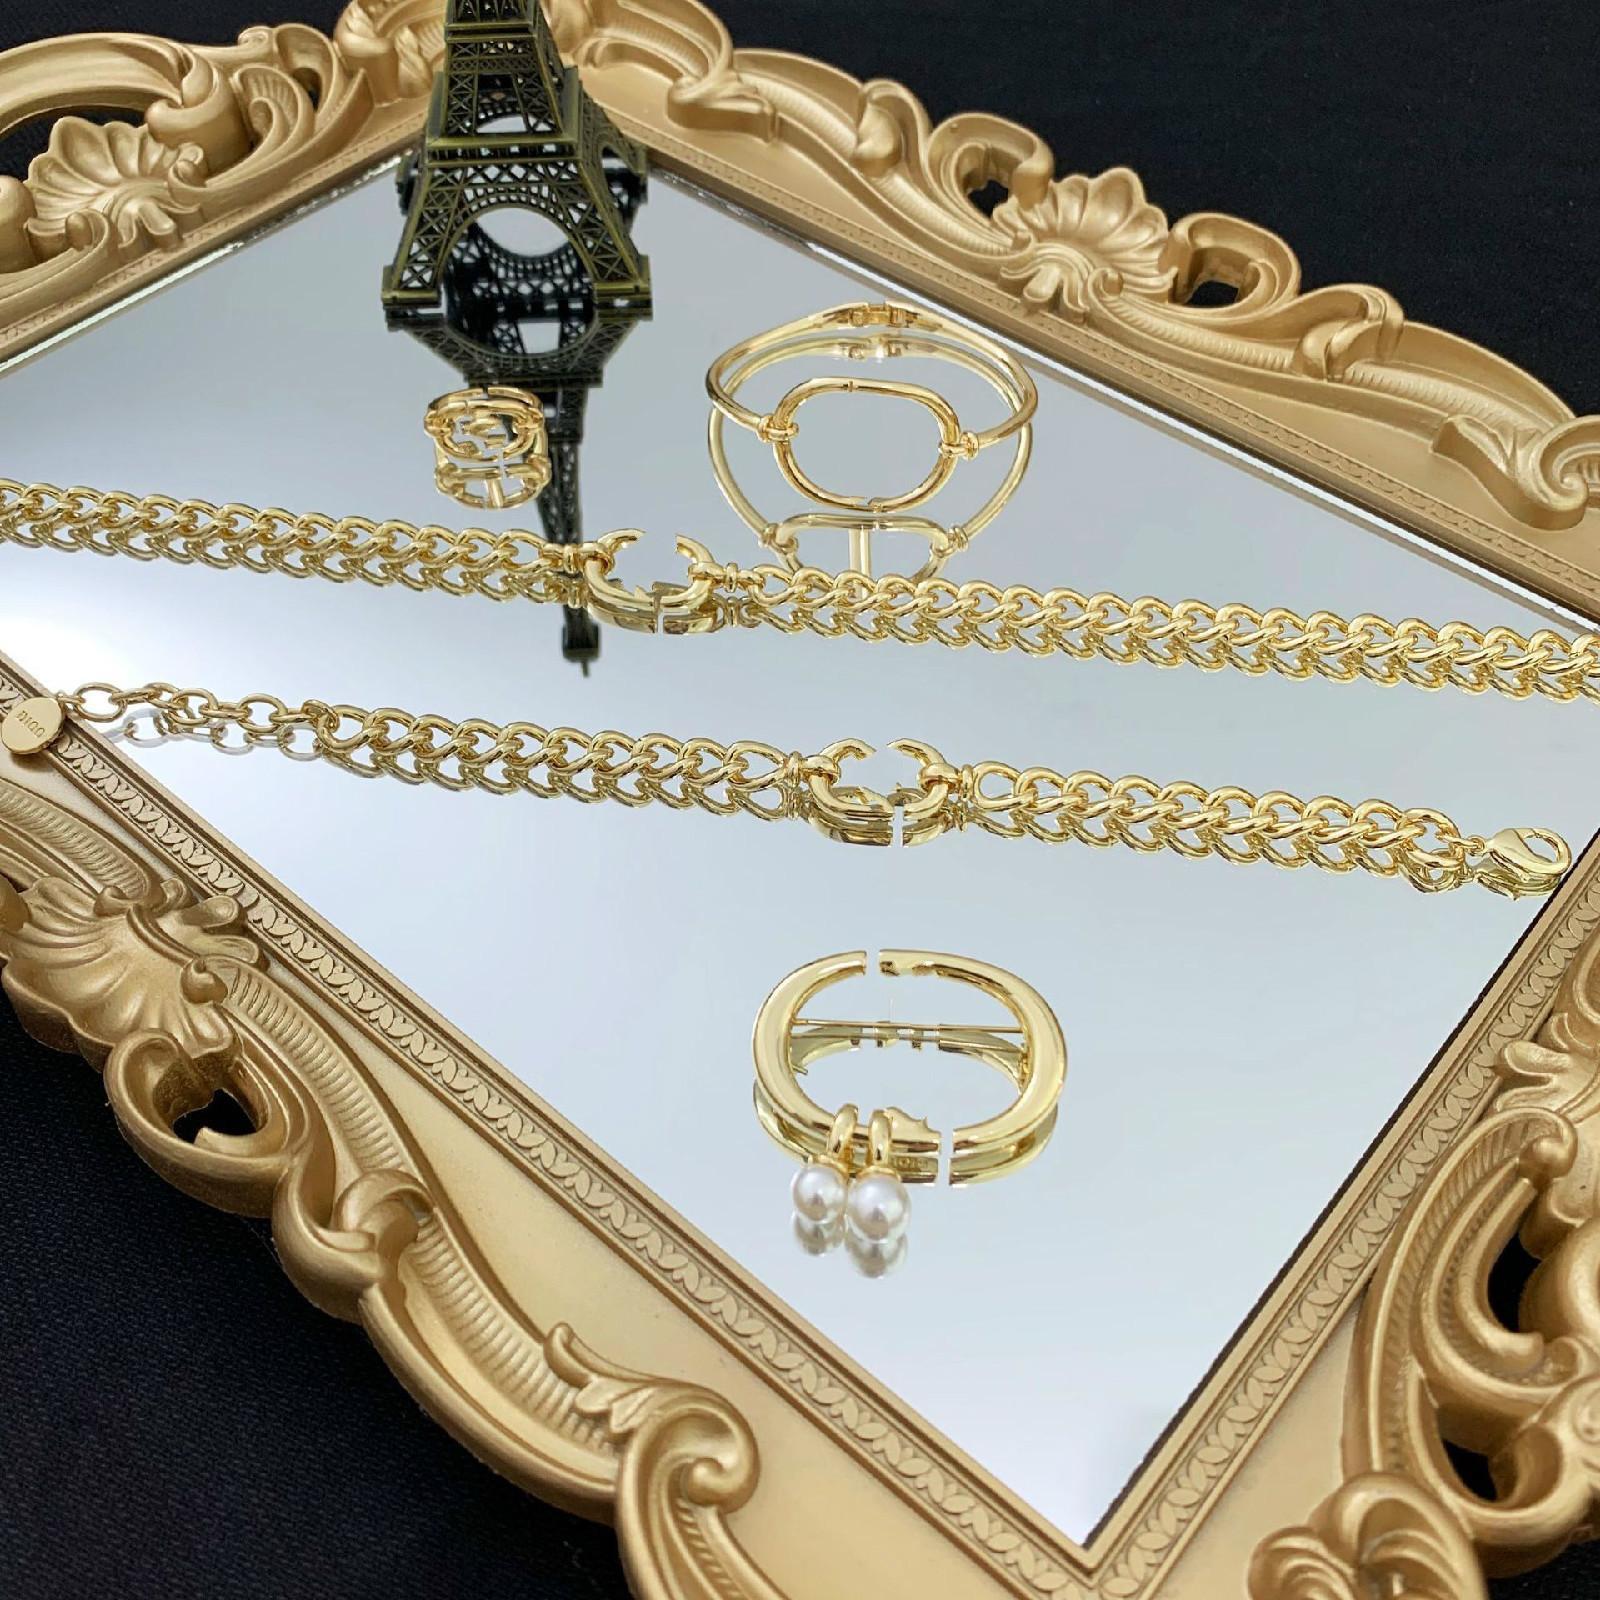 Bracciale per gioielli designer di lusso Bracciale Bracciale 18 K Vestito d'oro